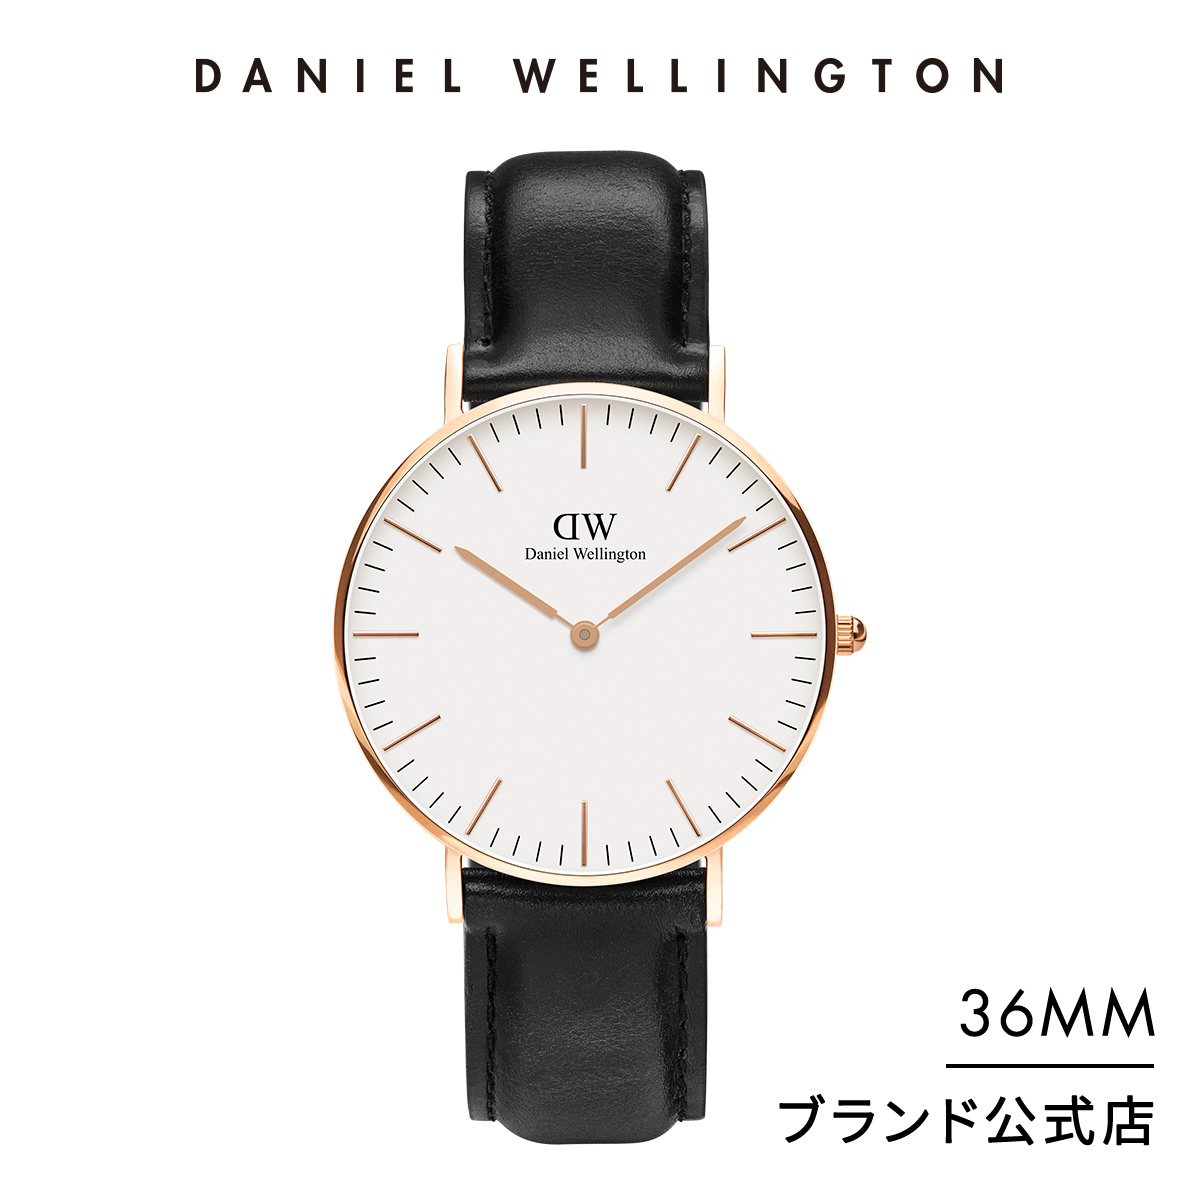 【公式2年保証/送料無料】ダニエルウェリントン公式 レディース 腕時計 Classic Sheffield 36mm 革 ベルト クラシック シェフィールド DW プレゼント おしゃれ インスタ映え ブランド 彼女 彼氏 ペアスタイルに最適 ウォッチ